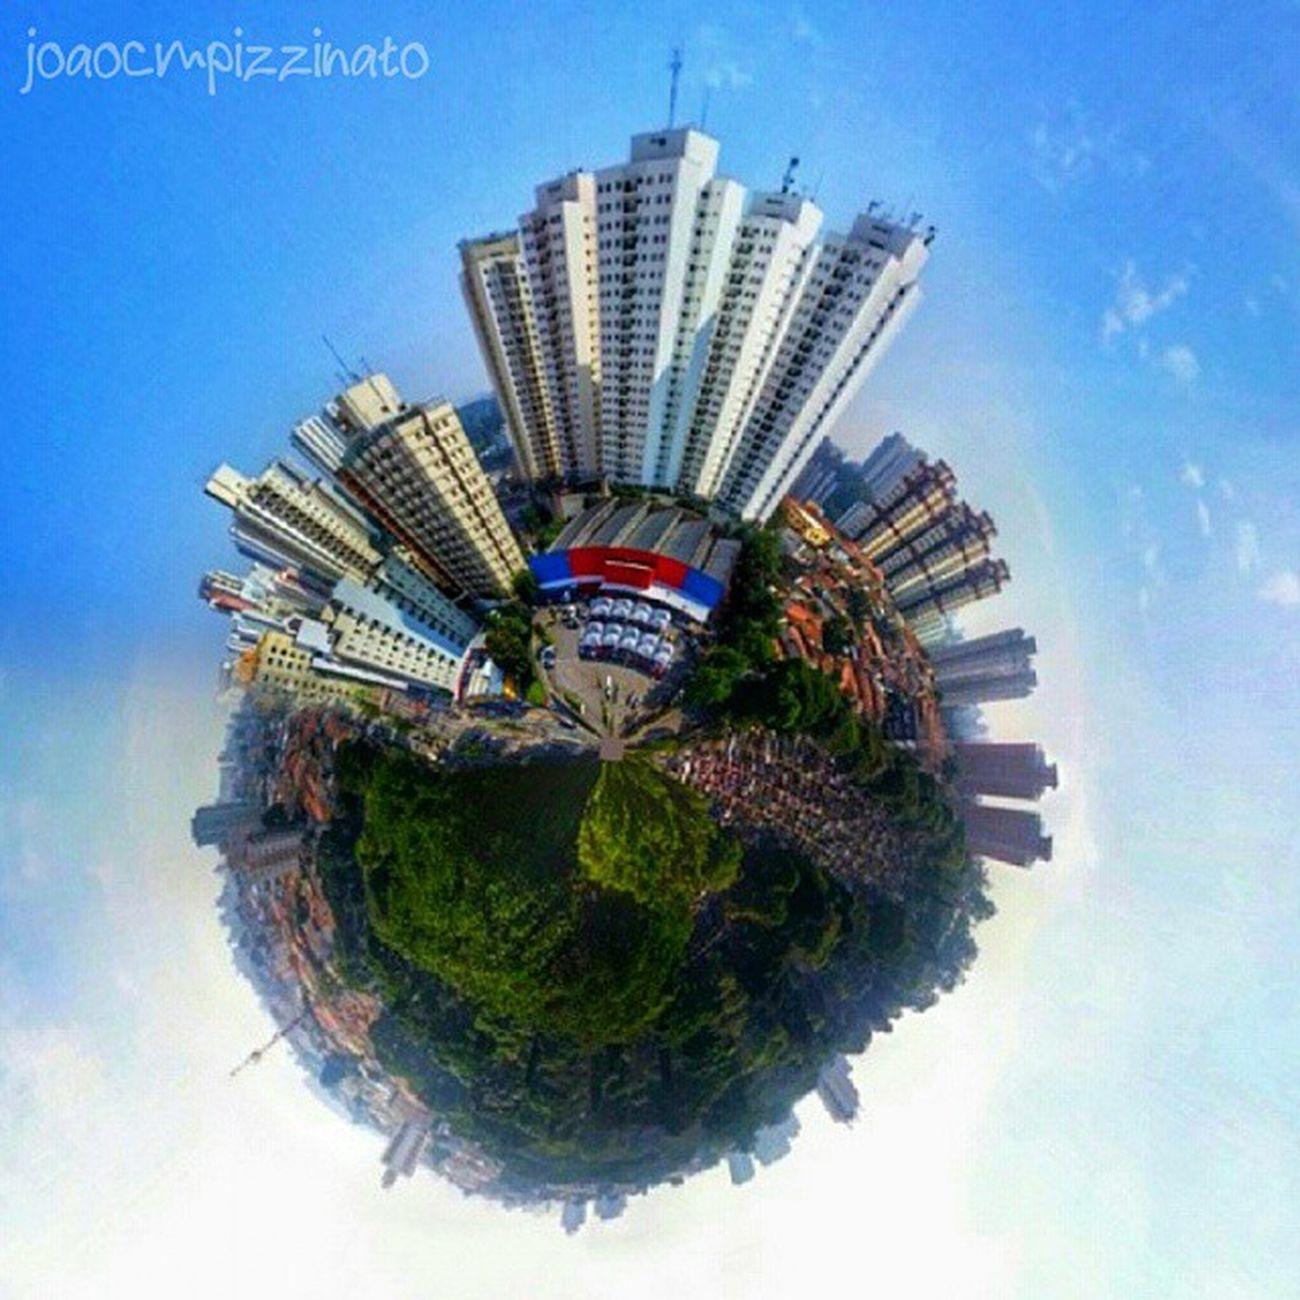 Tinyplanetfx Edited Effect Streetphotography urban neighborhood colors city zonasul saopaulo brasil photography